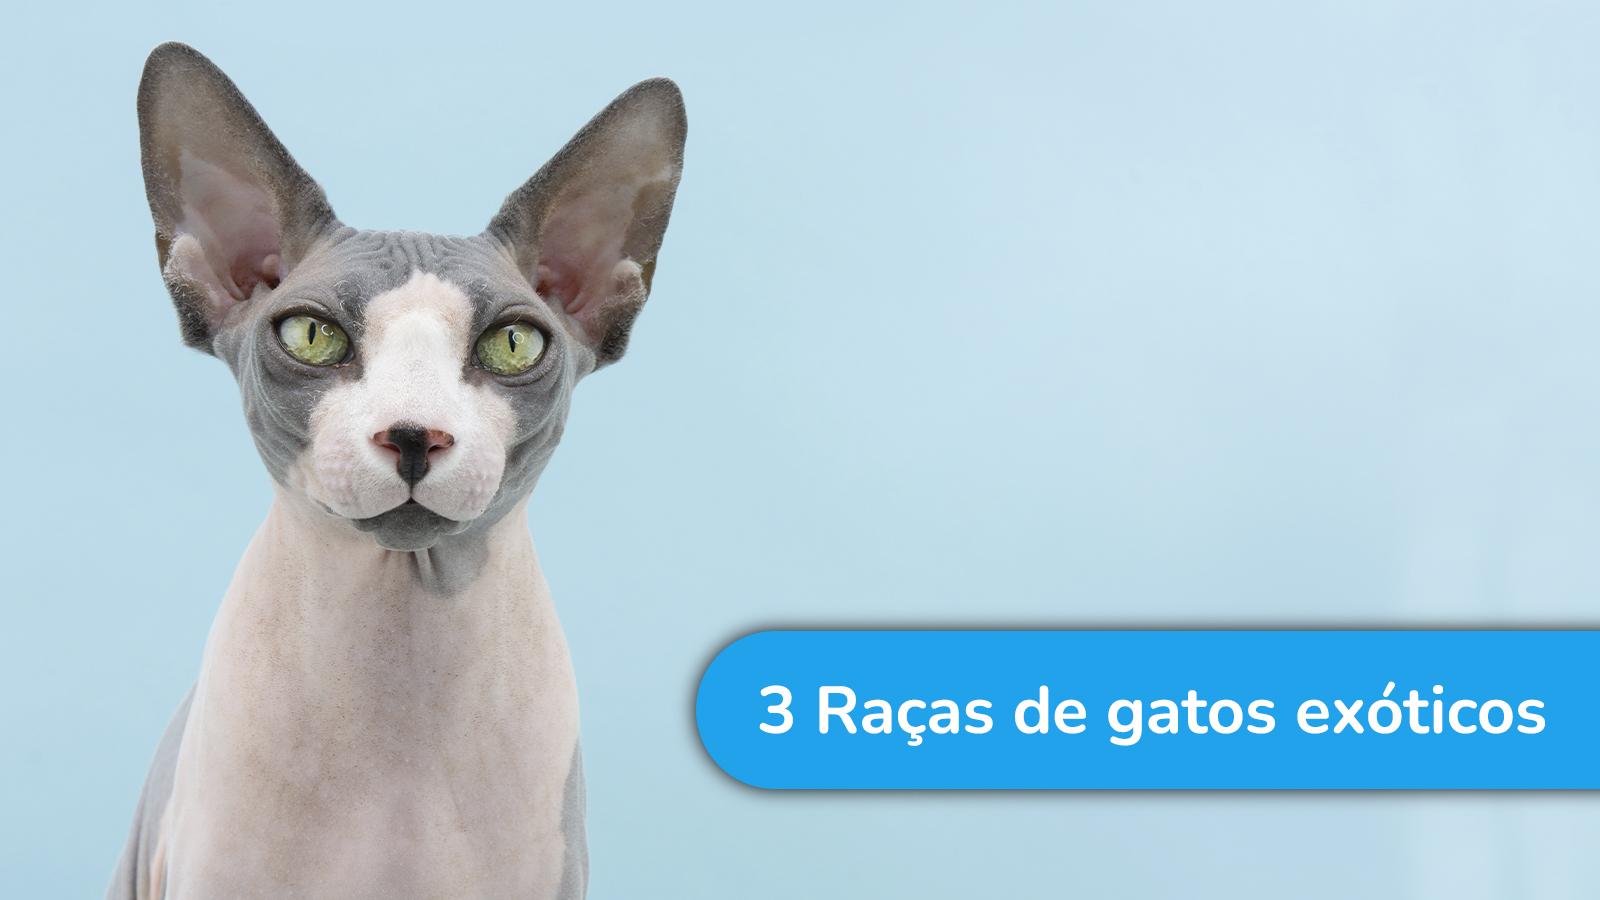 3 Raças de gatos exóticos